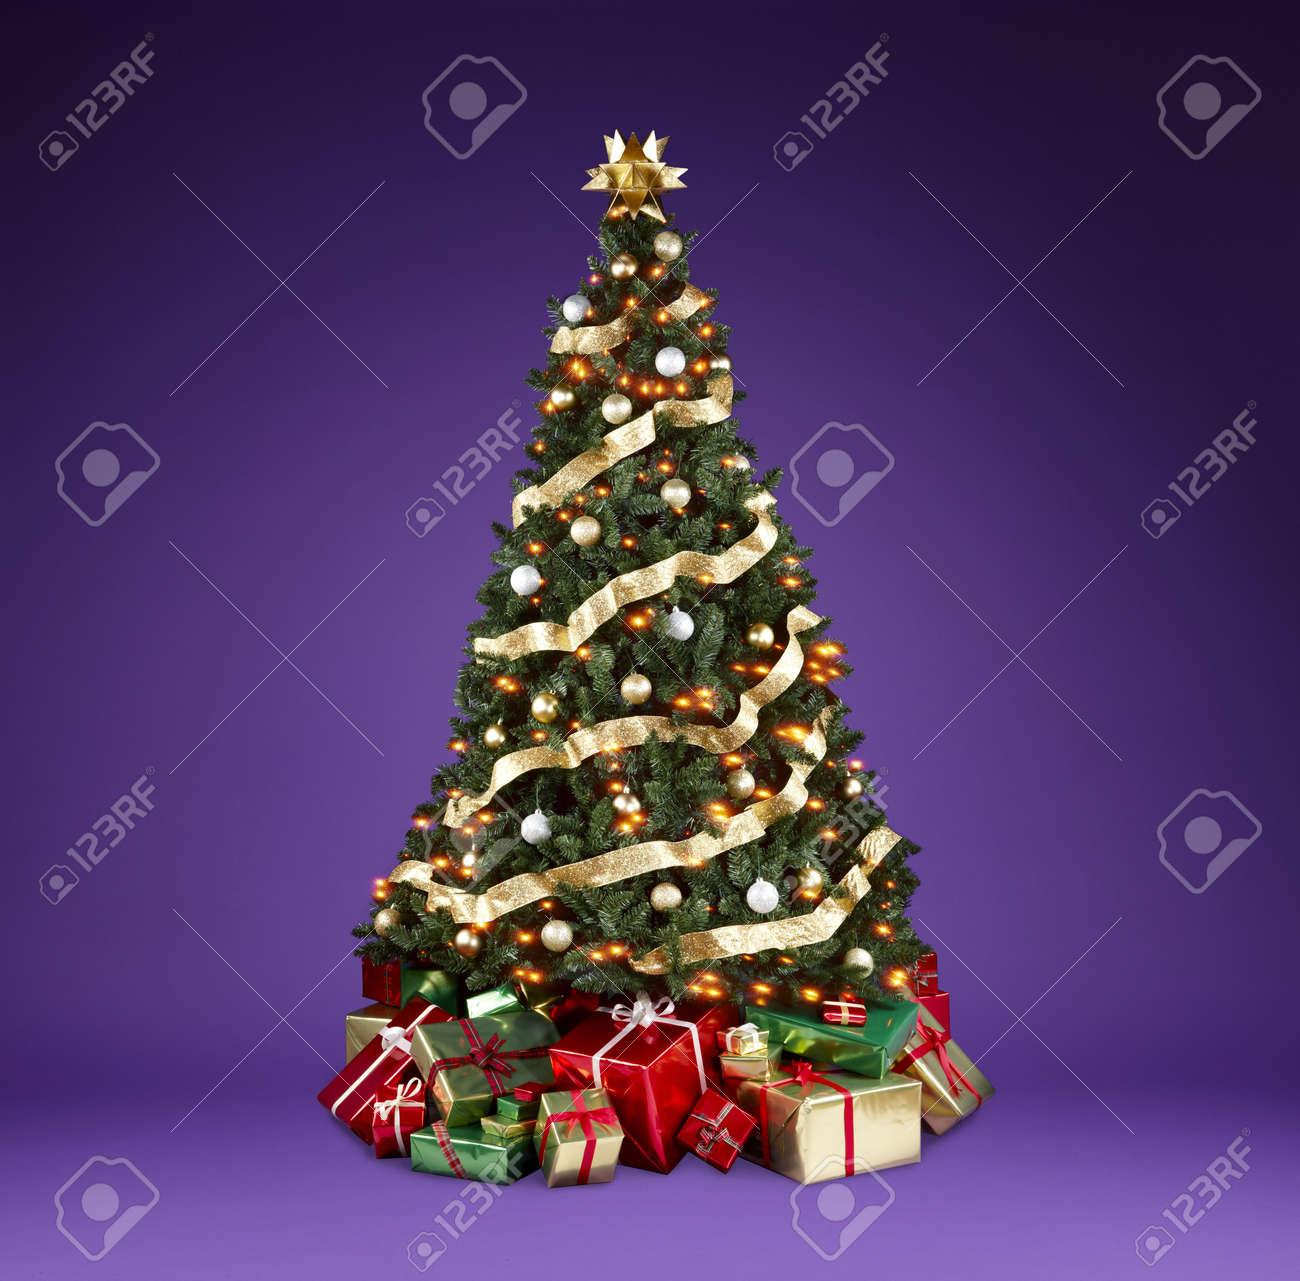 Bellamente Decorado De Arboles De Navidad Con Luces Cintas Y - Arboles-de-navidad-decorados